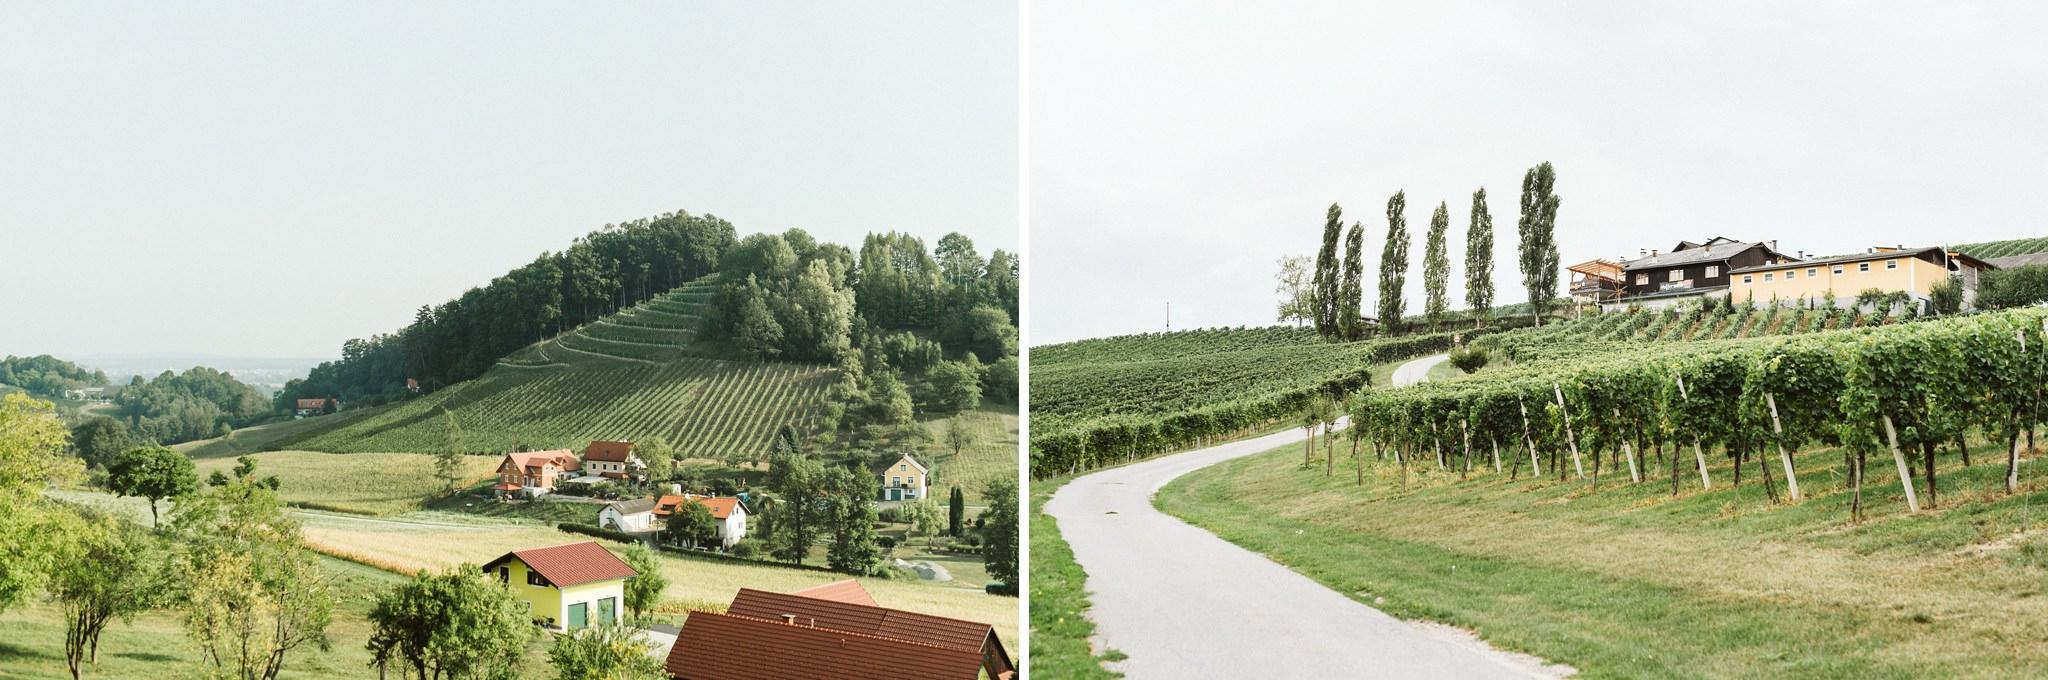 South Styria Austria